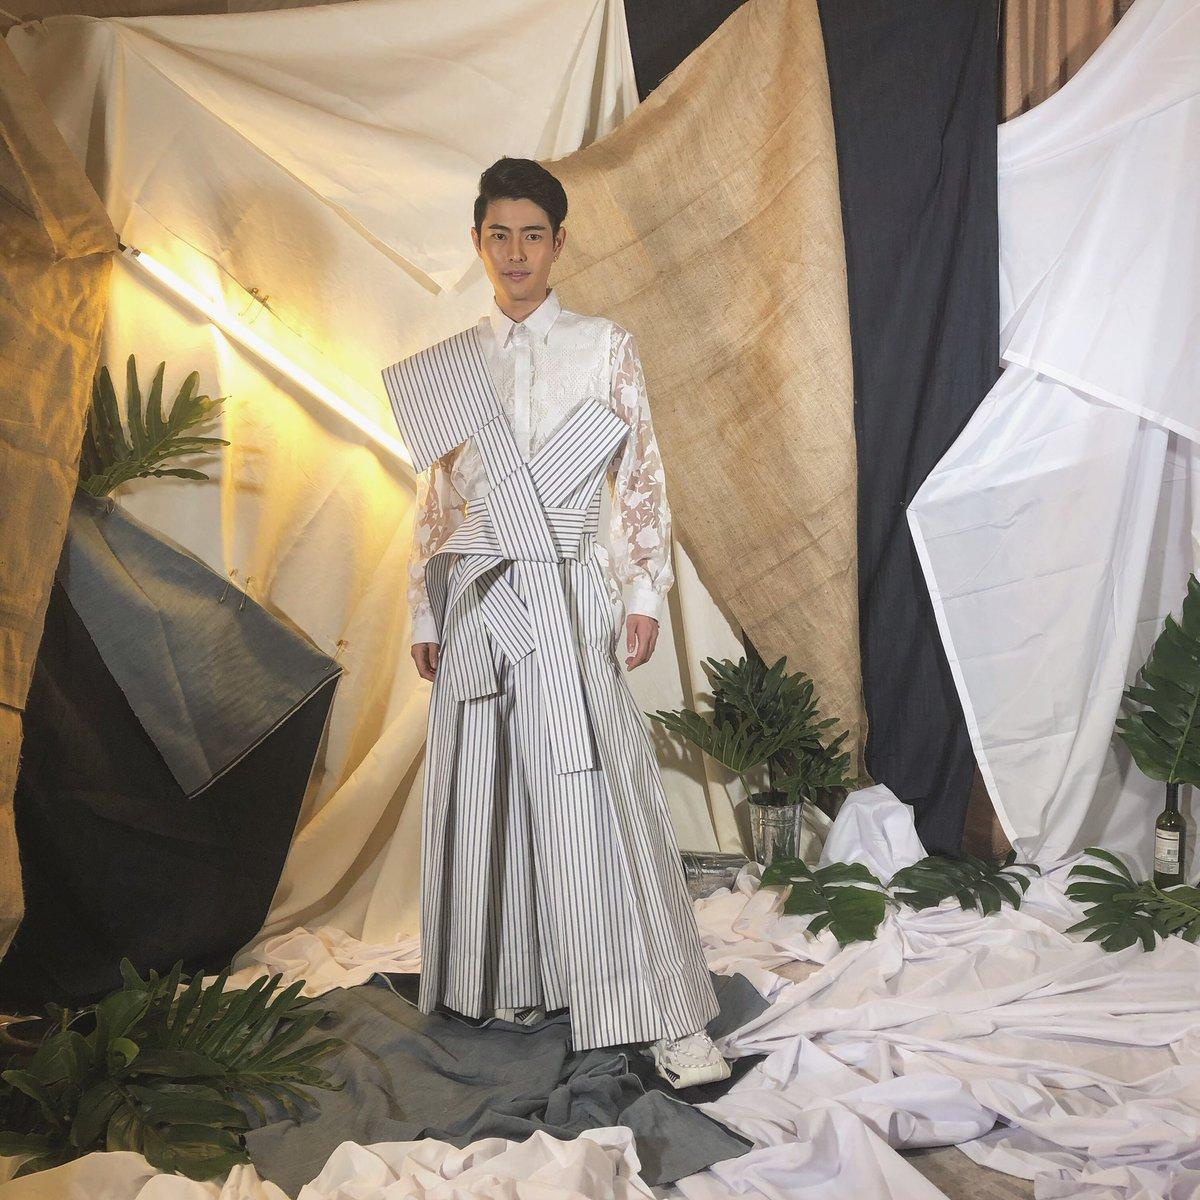 昨日はABSCBN BALLというフィリピンの有名な芸能人だけが参加できるというパーティーに招待されていってきました!伝統衣装である日本の袴とフィリピンのバロンを混ぜた衣装で行ってきました!楽しかった。。。。。